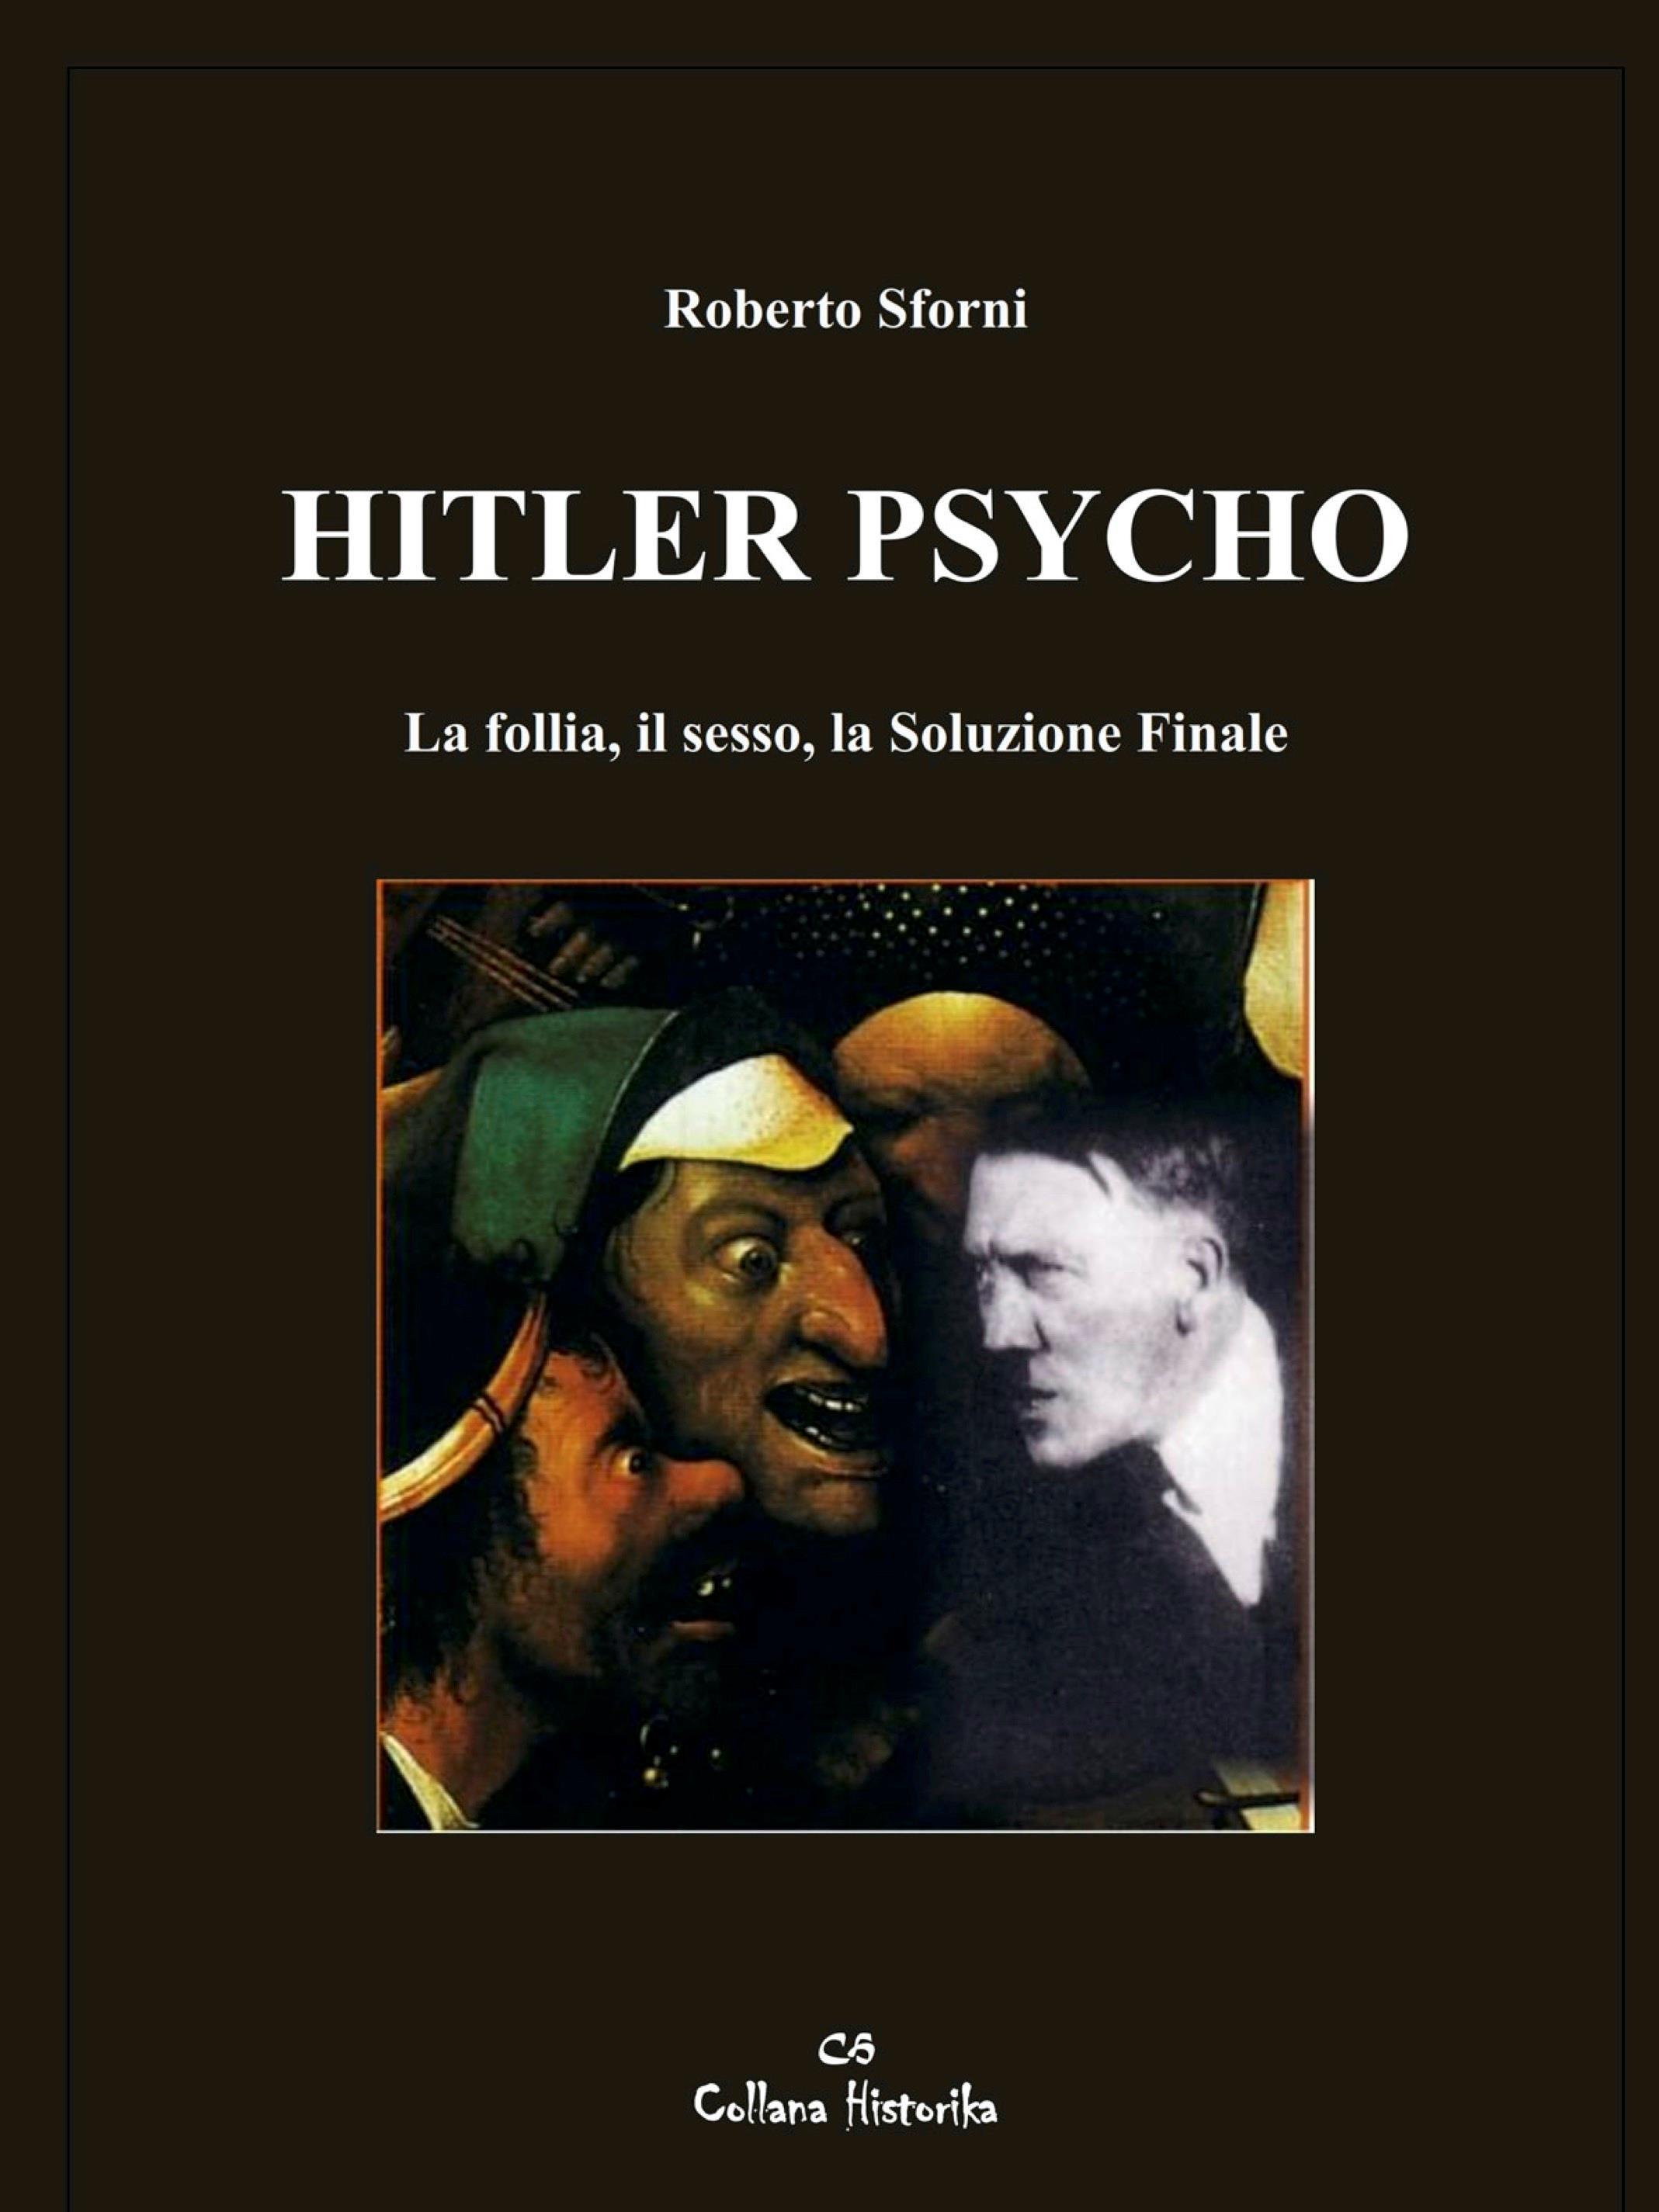 Hitler Psycho. La follia, il sesso, la Soluzione Finale